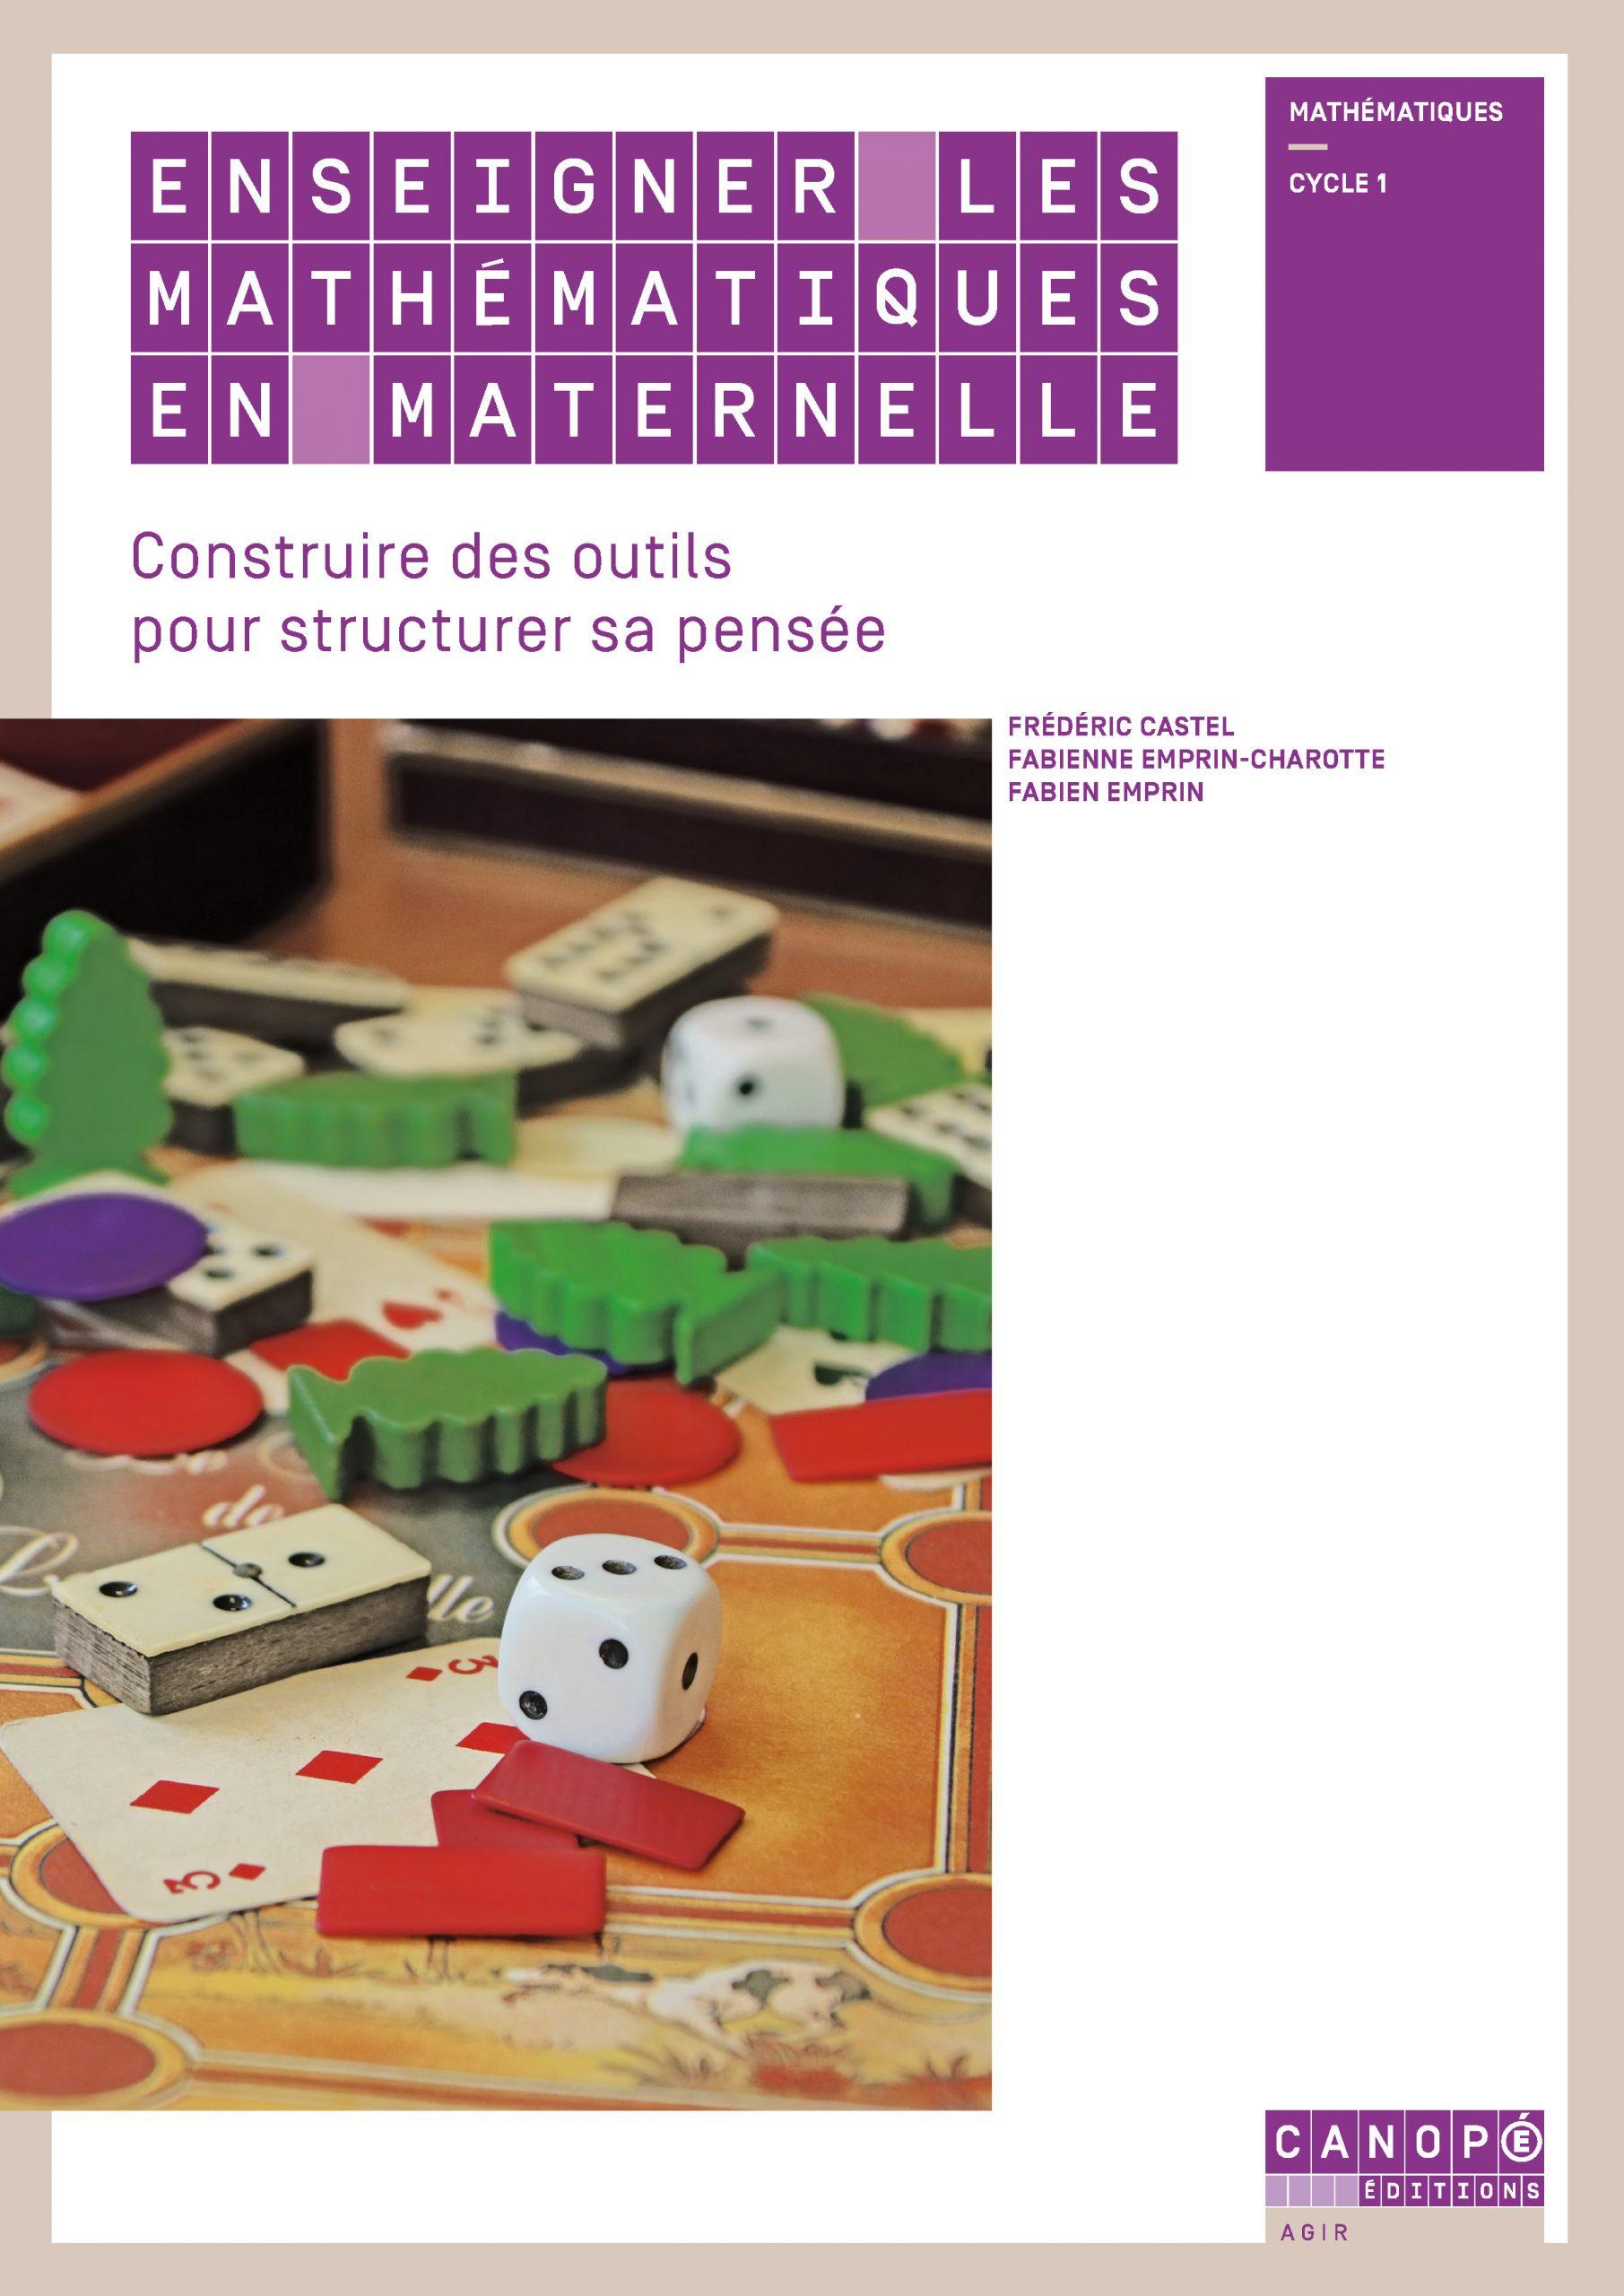 Maternelle - Réseau Canopé encequiconcerne Jeux Gratuit Maternelle Petite Section